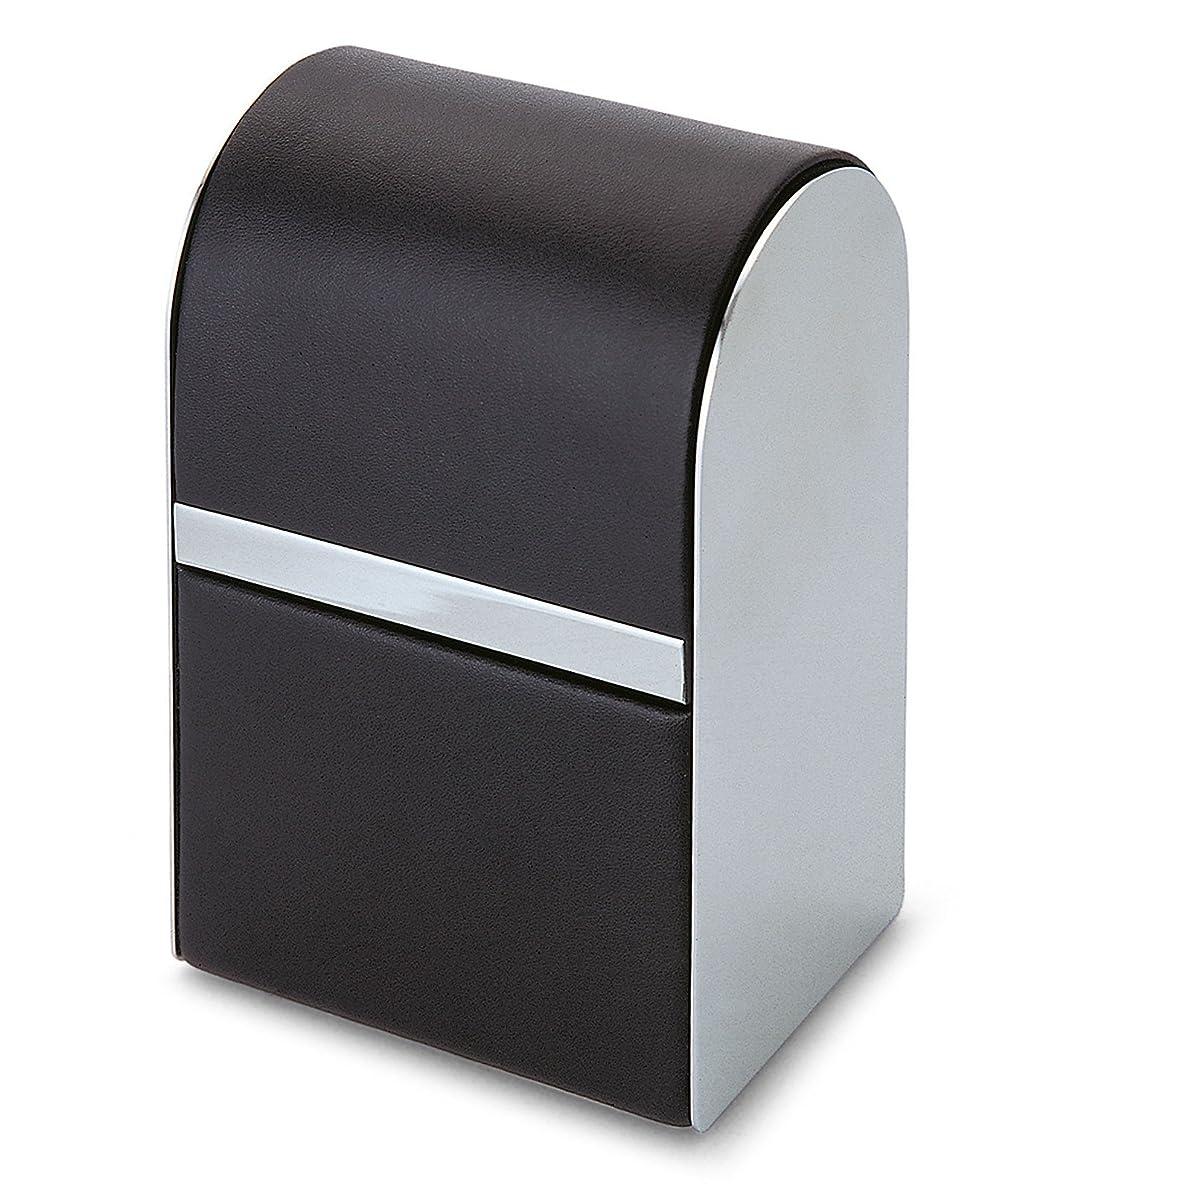 援助レオナルドダ租界Philippi Giorgio メンズ身だしなみキット 7pcsセット leather stainless polished